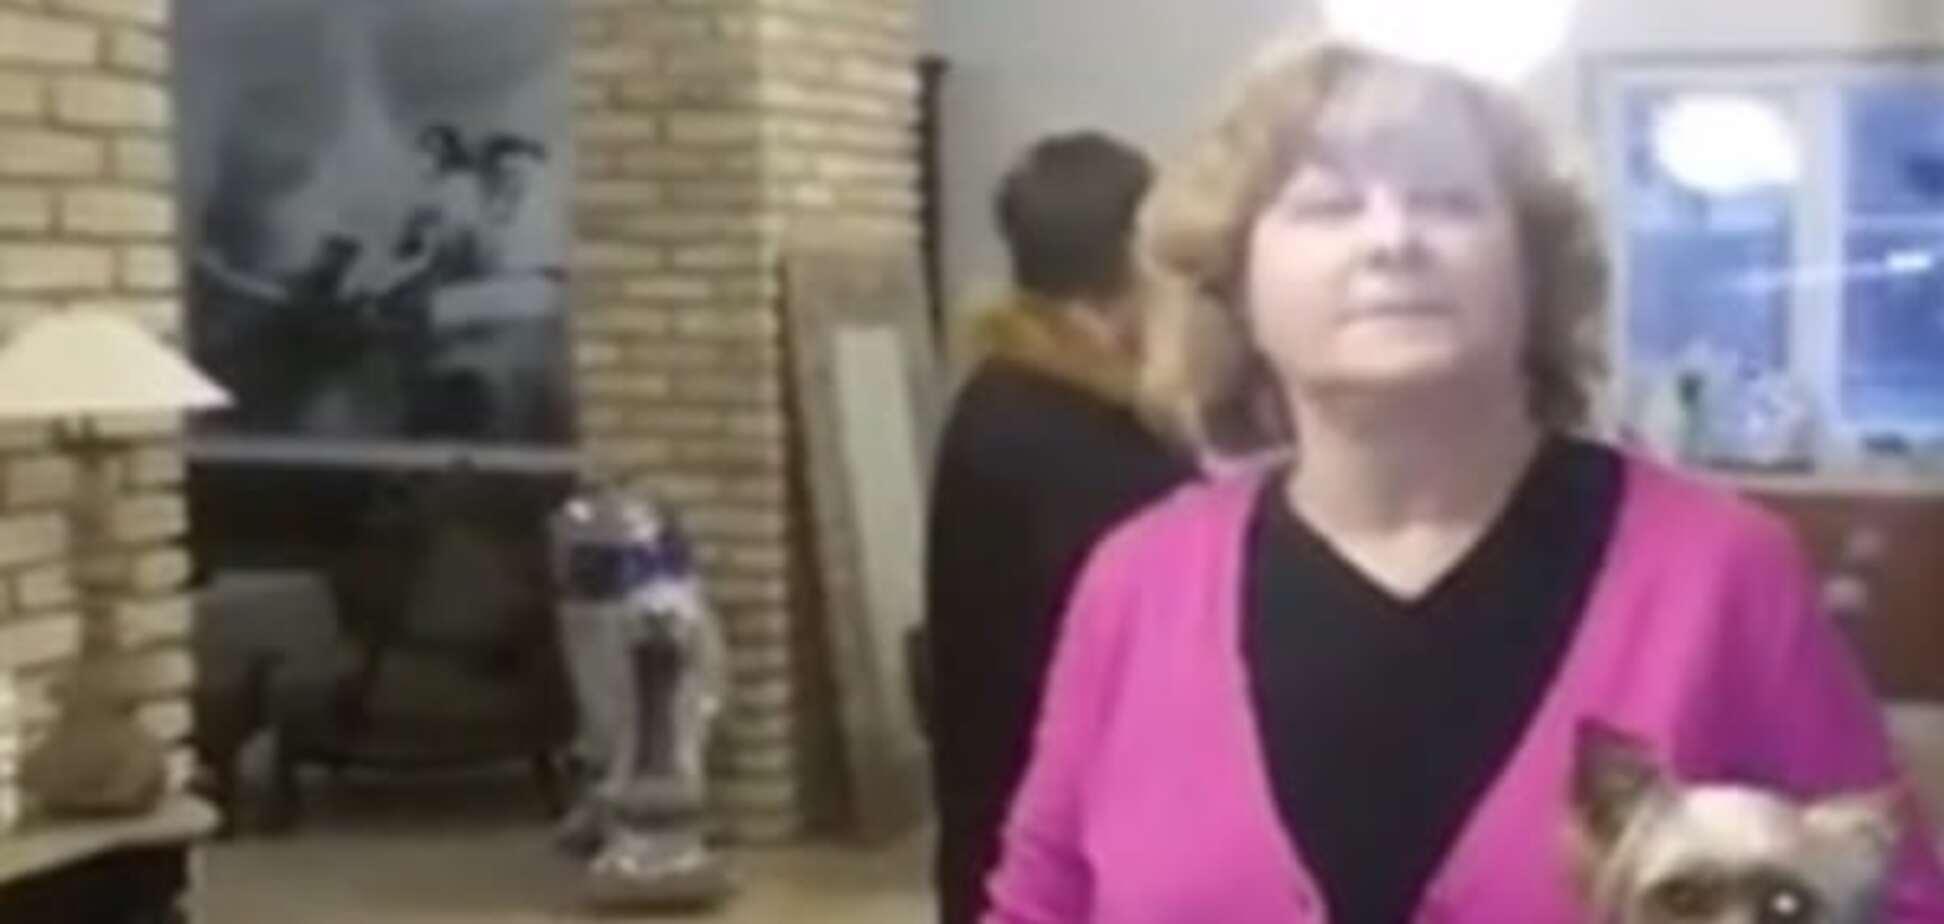 'Театр одного актера': Шовковский опубликовал видео 'разборок' с тещей из-за исчезновения дочери